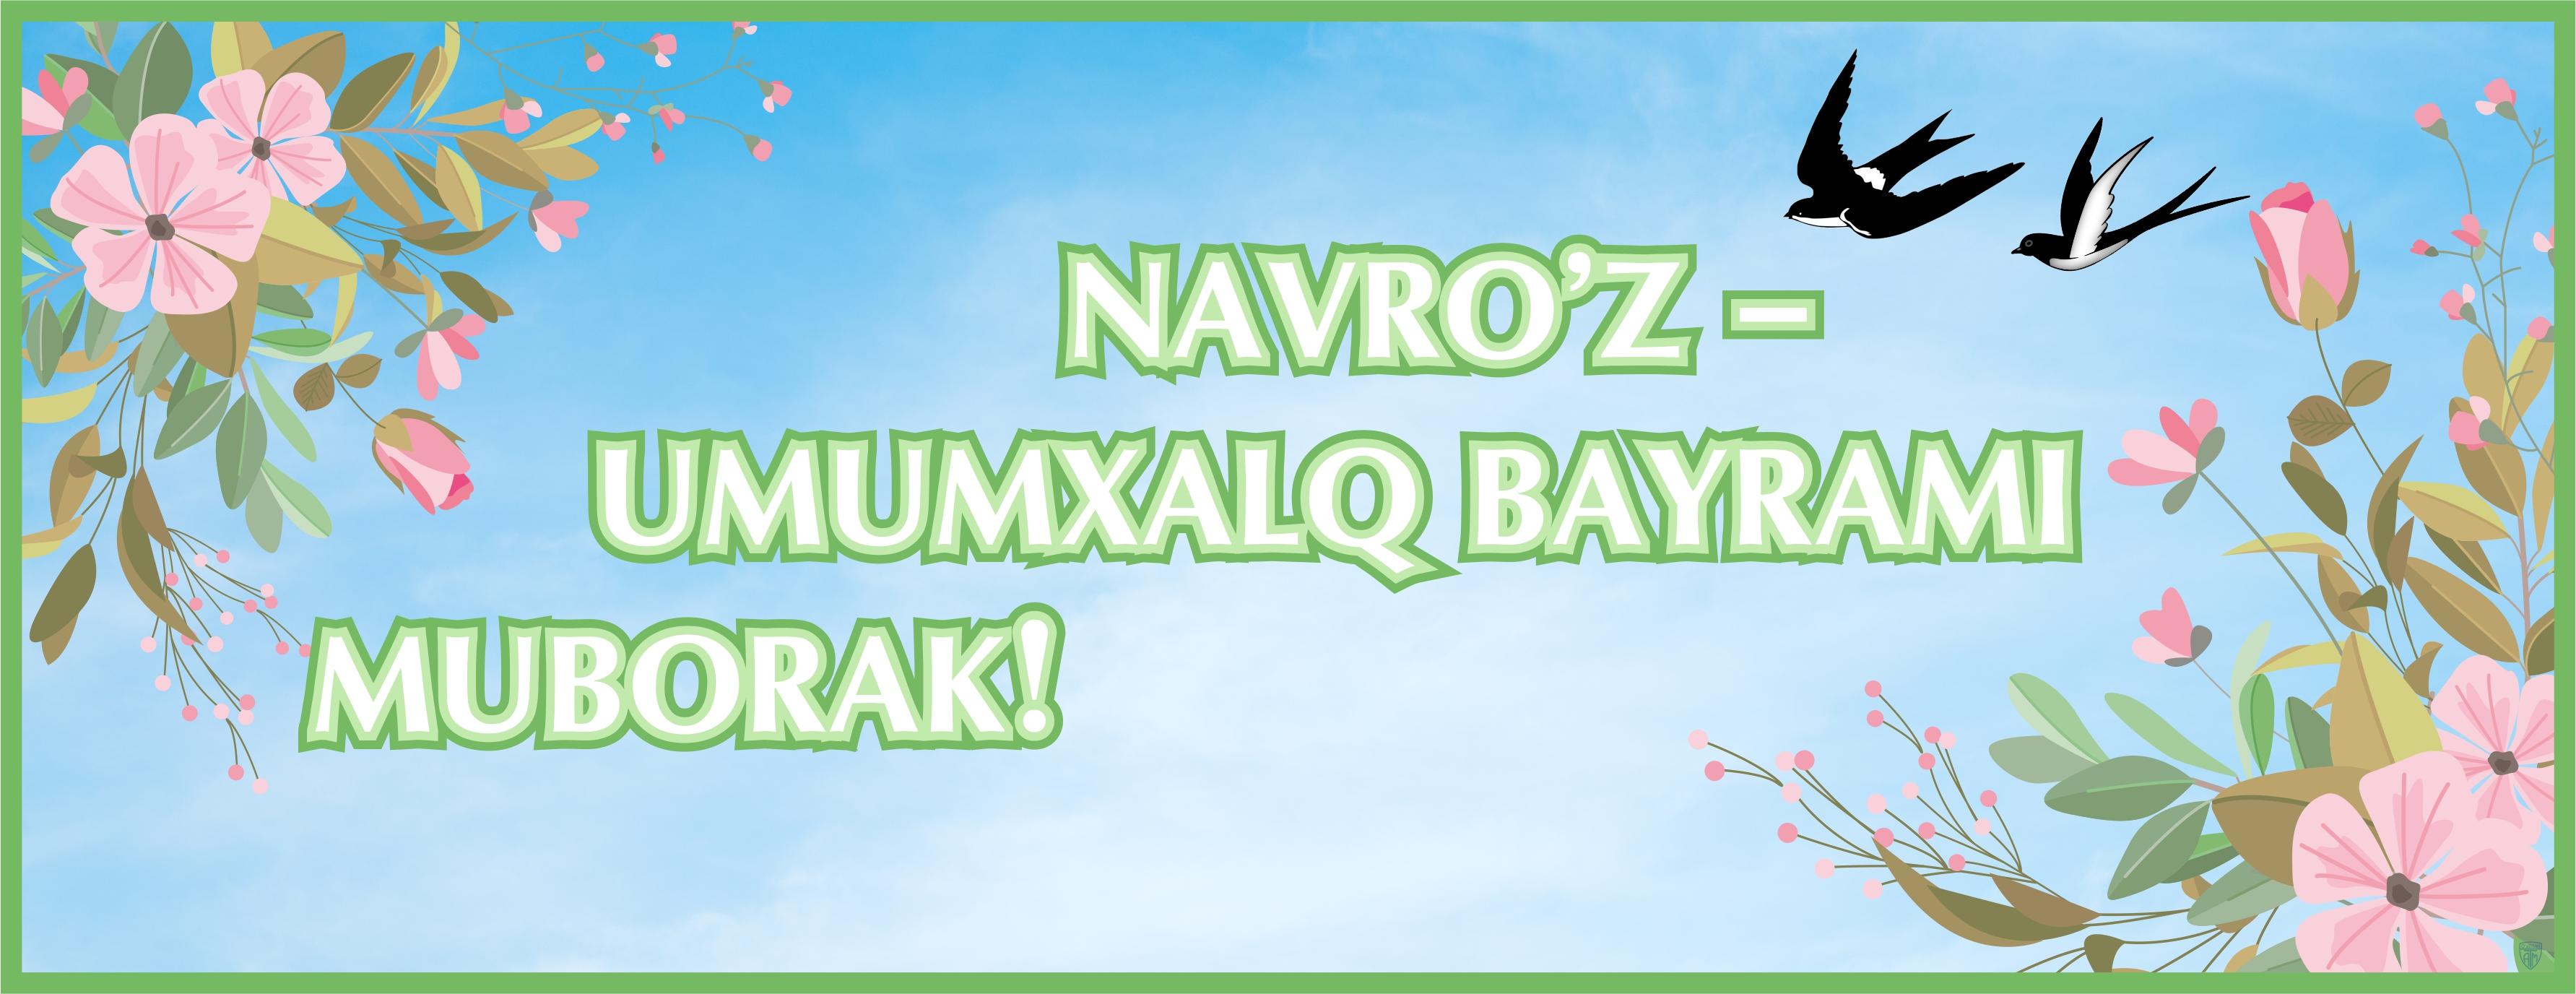 Navro'z bayrami muborak bo'lsin!